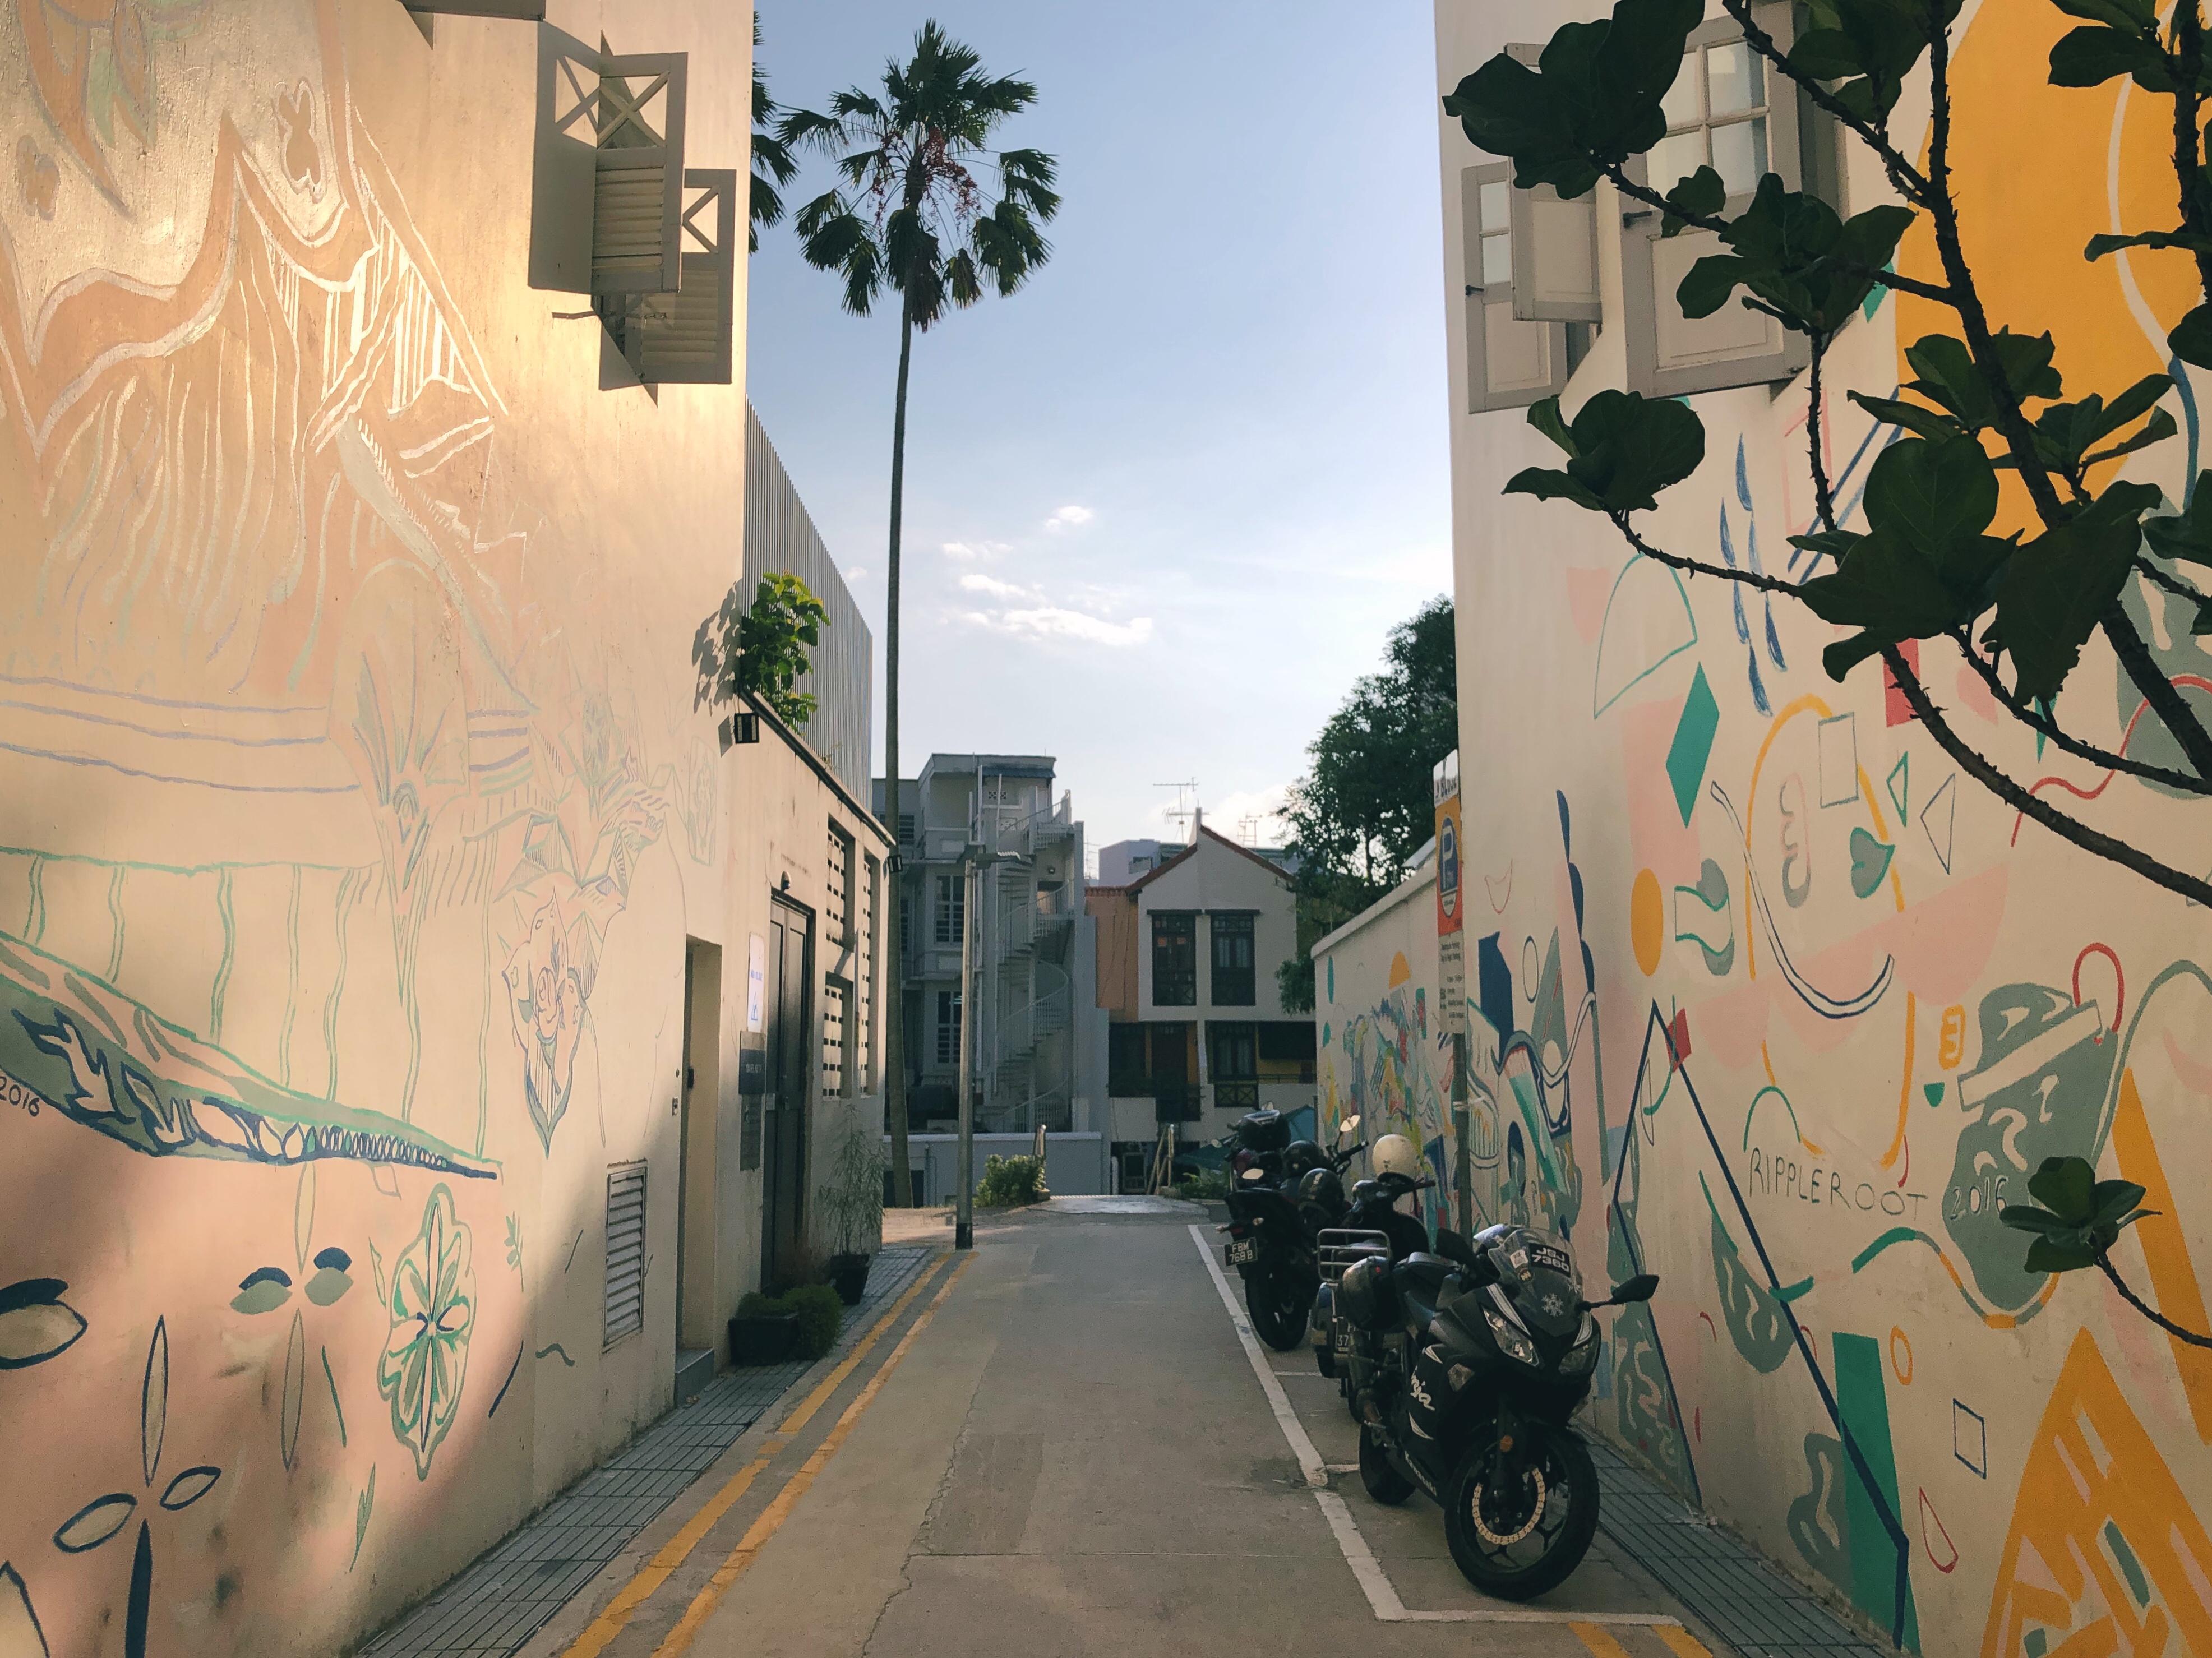 Alley in Keong Saik